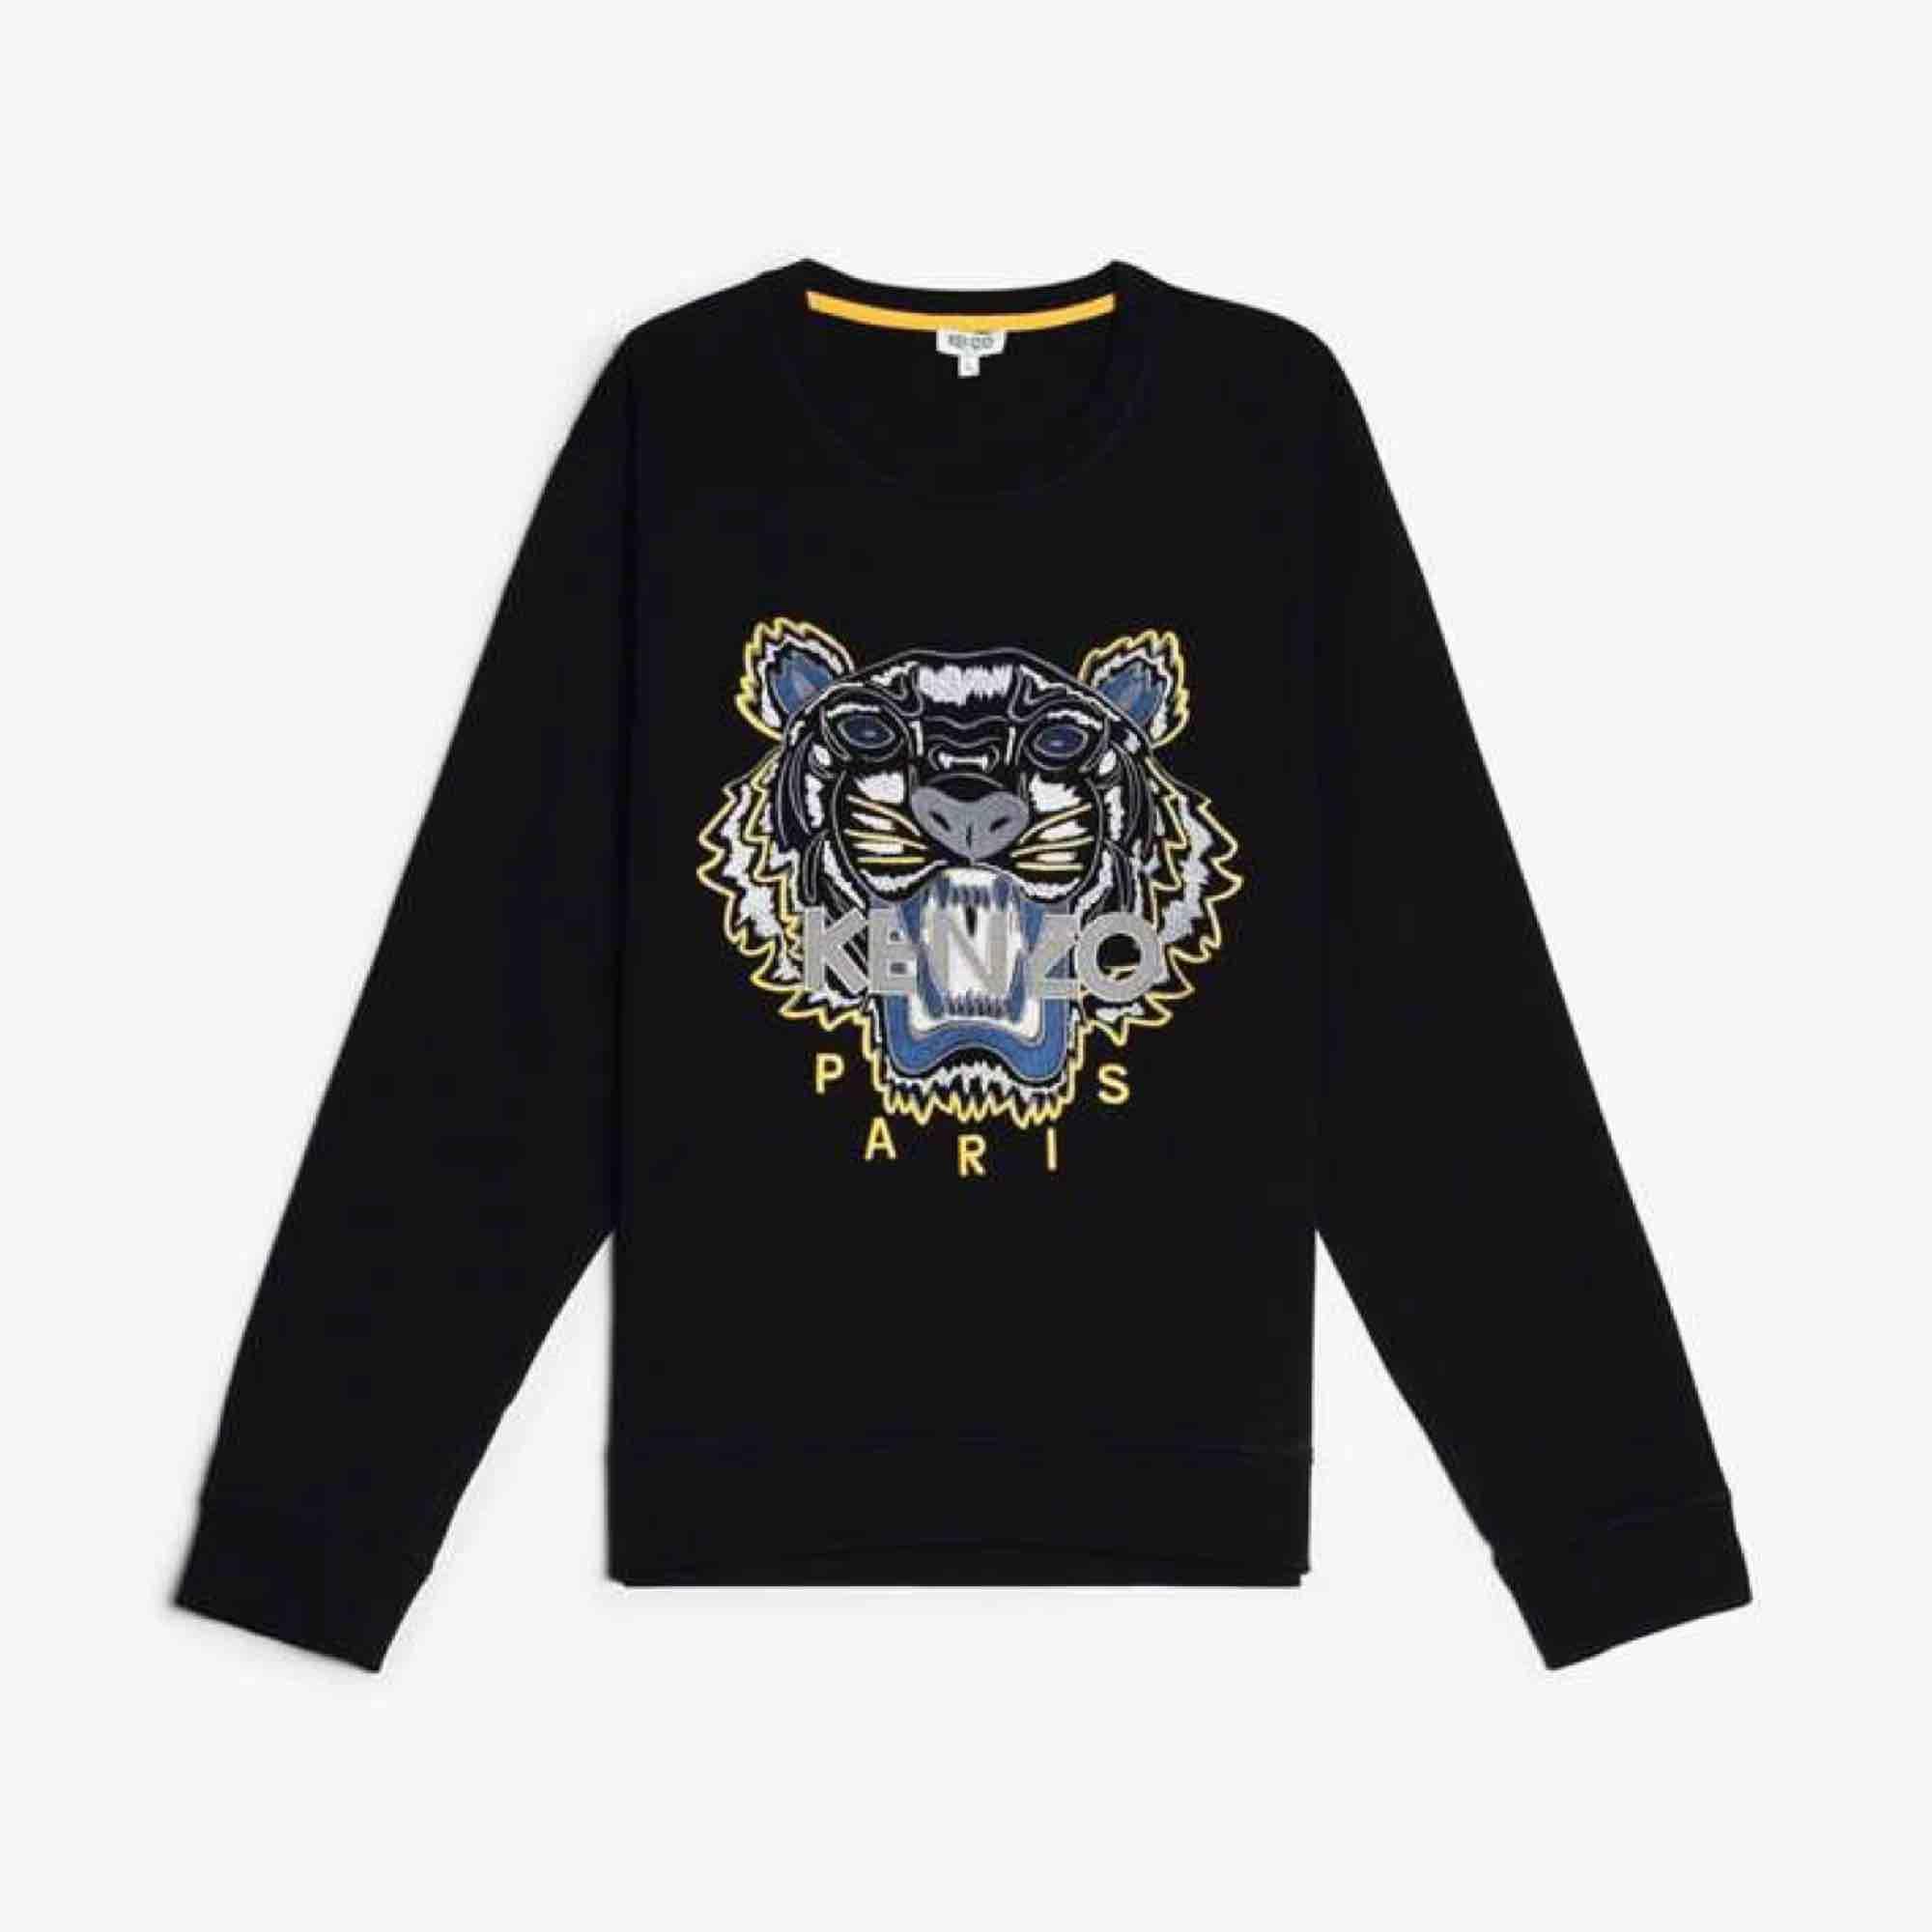 En helt ny kenzo tröja från nk i Göteborg om du vill ha mer bilder så skicka de till mig och vi kan prata om tröjan och kanske priset. Toppar.